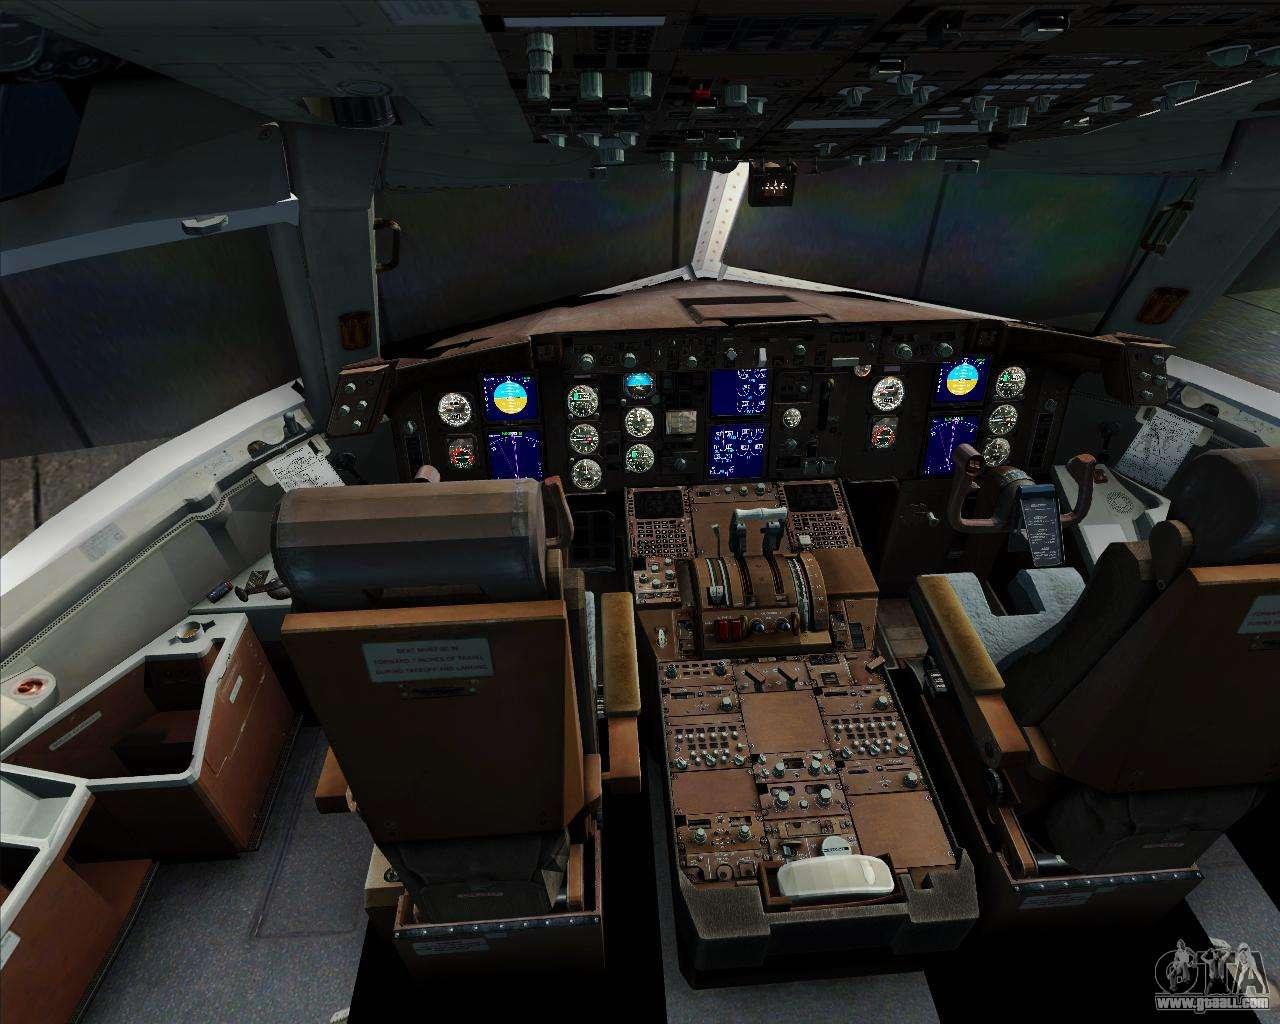 Boeing 767 300er qantas for gta san andreas for Gta sa plane interior mod